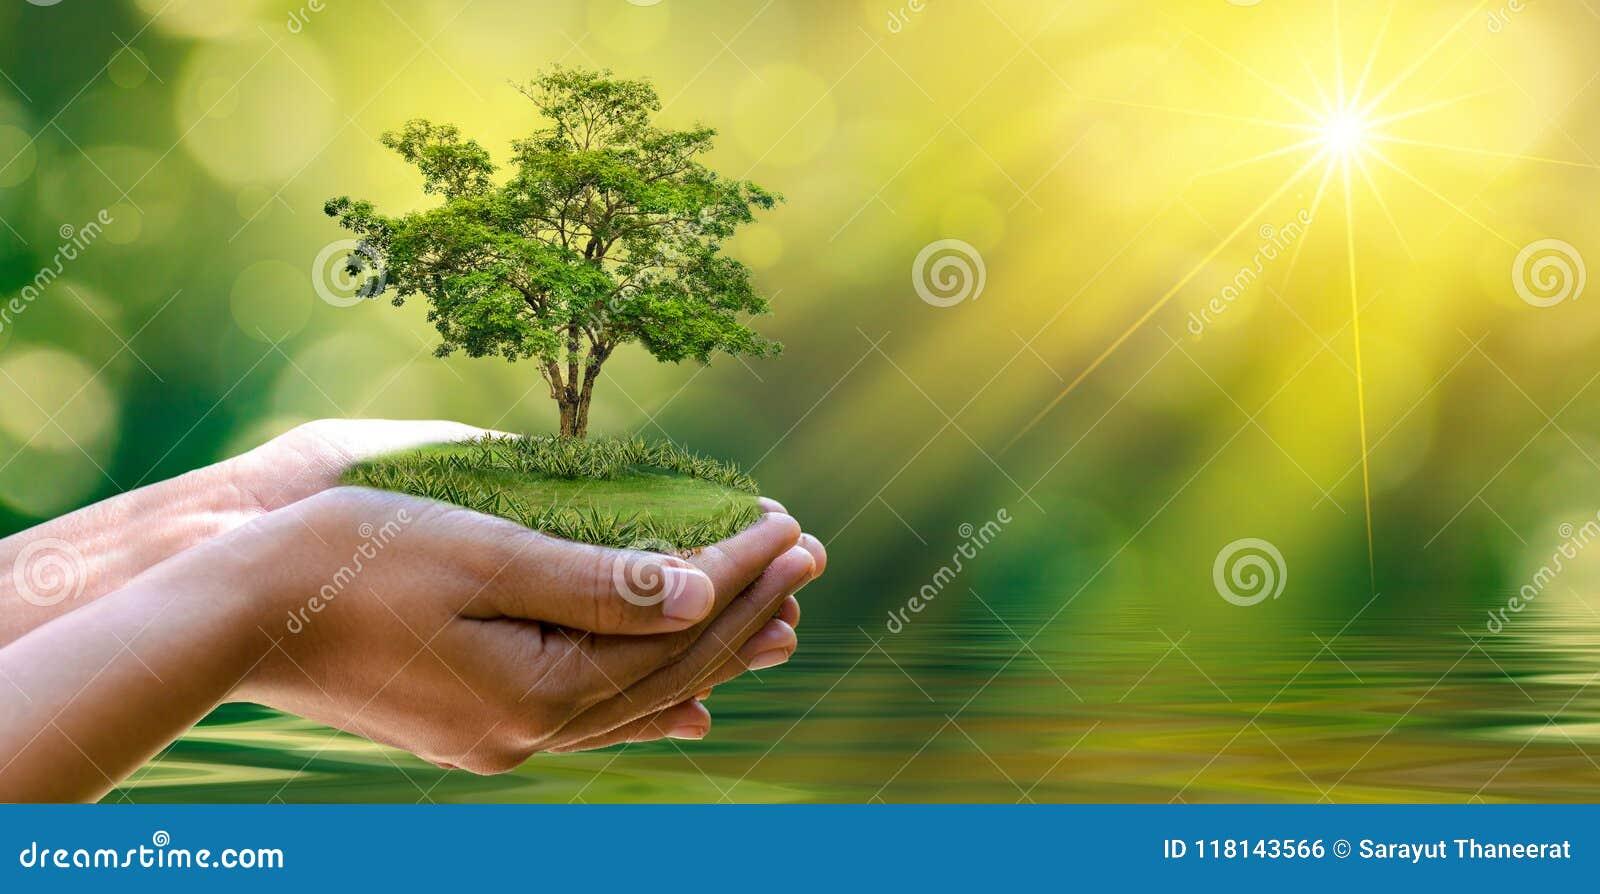 Γήινη ημέρα περιβάλλοντος στα χέρια των δέντρων που αυξάνεται τα σπορόφυτα Bokeh πράσινο δέντρο εκμετάλλευσης χεριών υποβάθρου θη